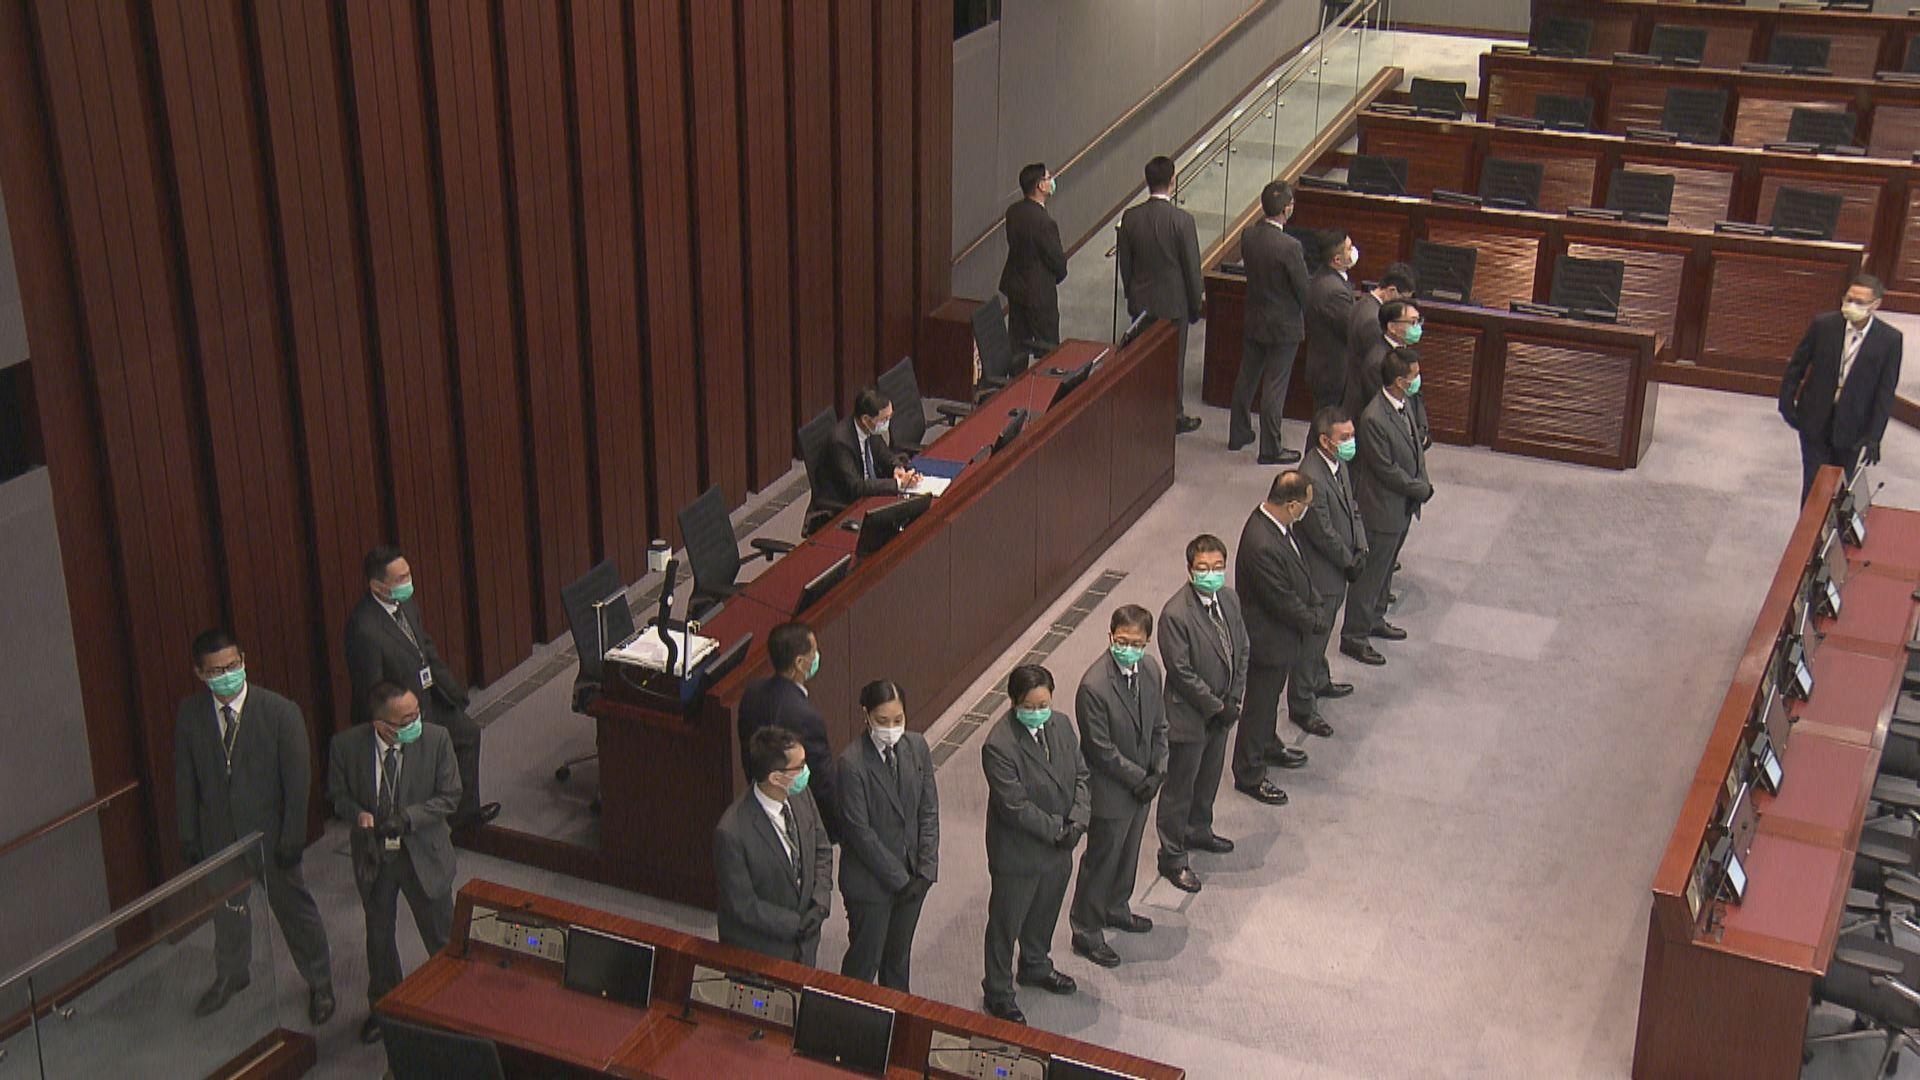 內會主席選舉 主持陳健波一早坐上主持位置